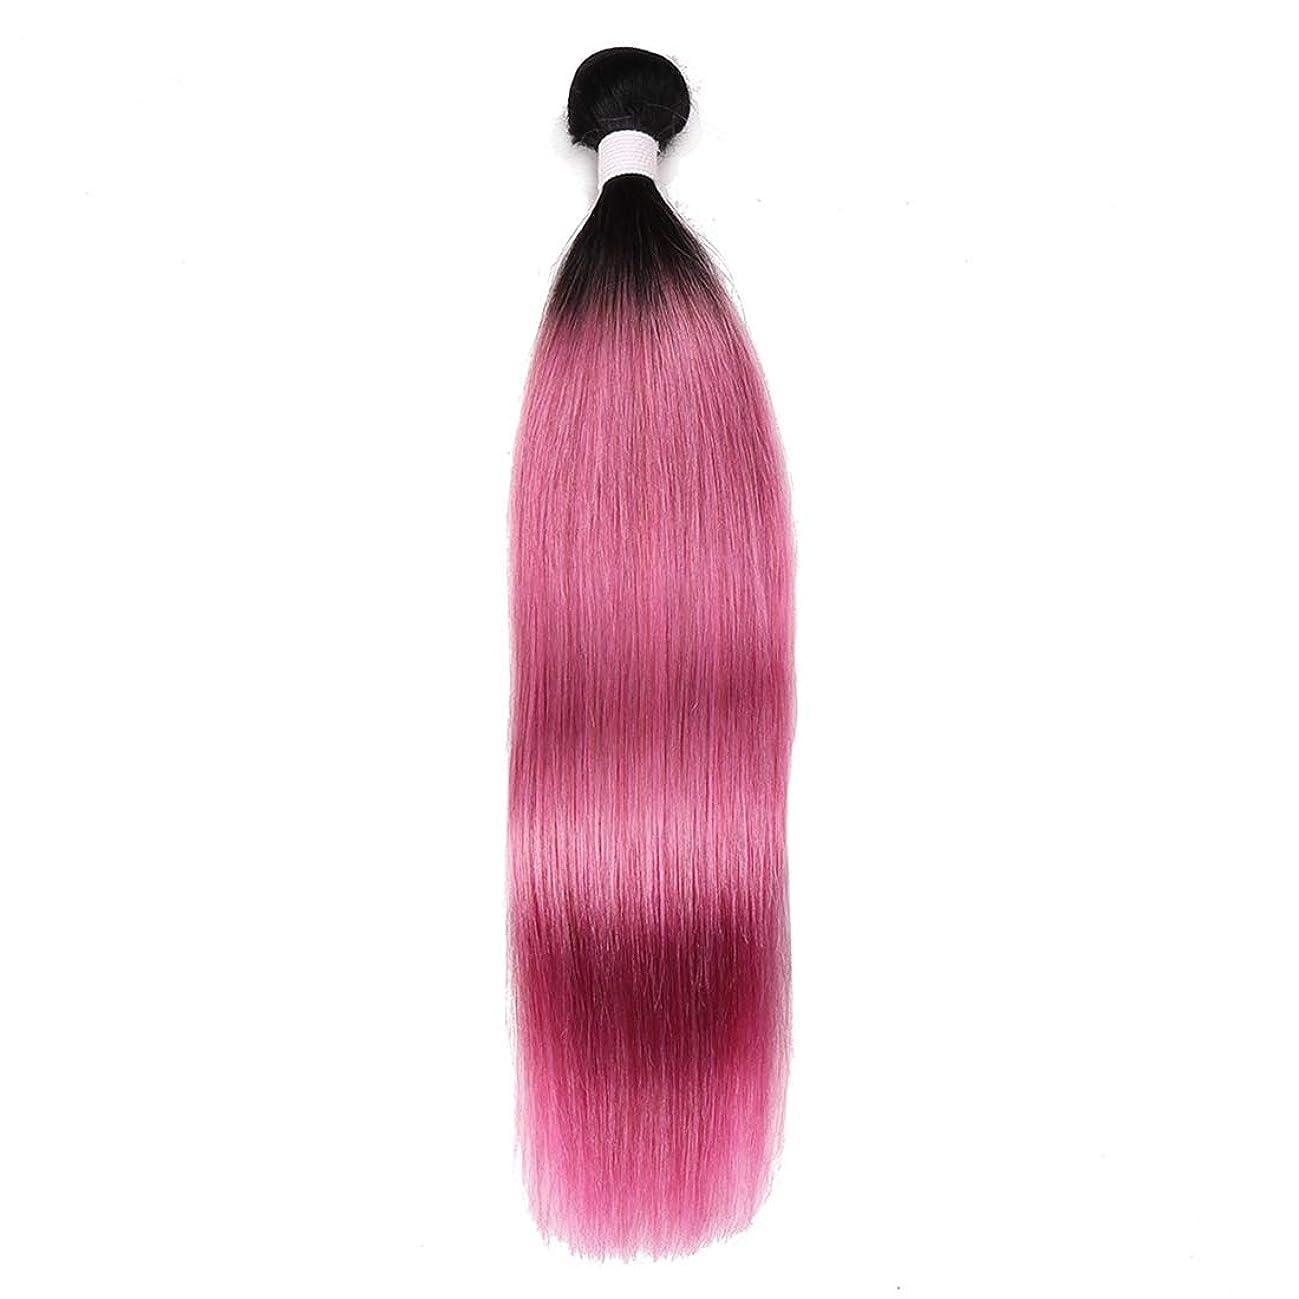 切り離す予定ペイントKoloeplf ウィッグ ローズパウダー ストレートヘア カーテン 軽量 インディアン長髪 10?18インチ レディースかつら (サイズ : 12inch)